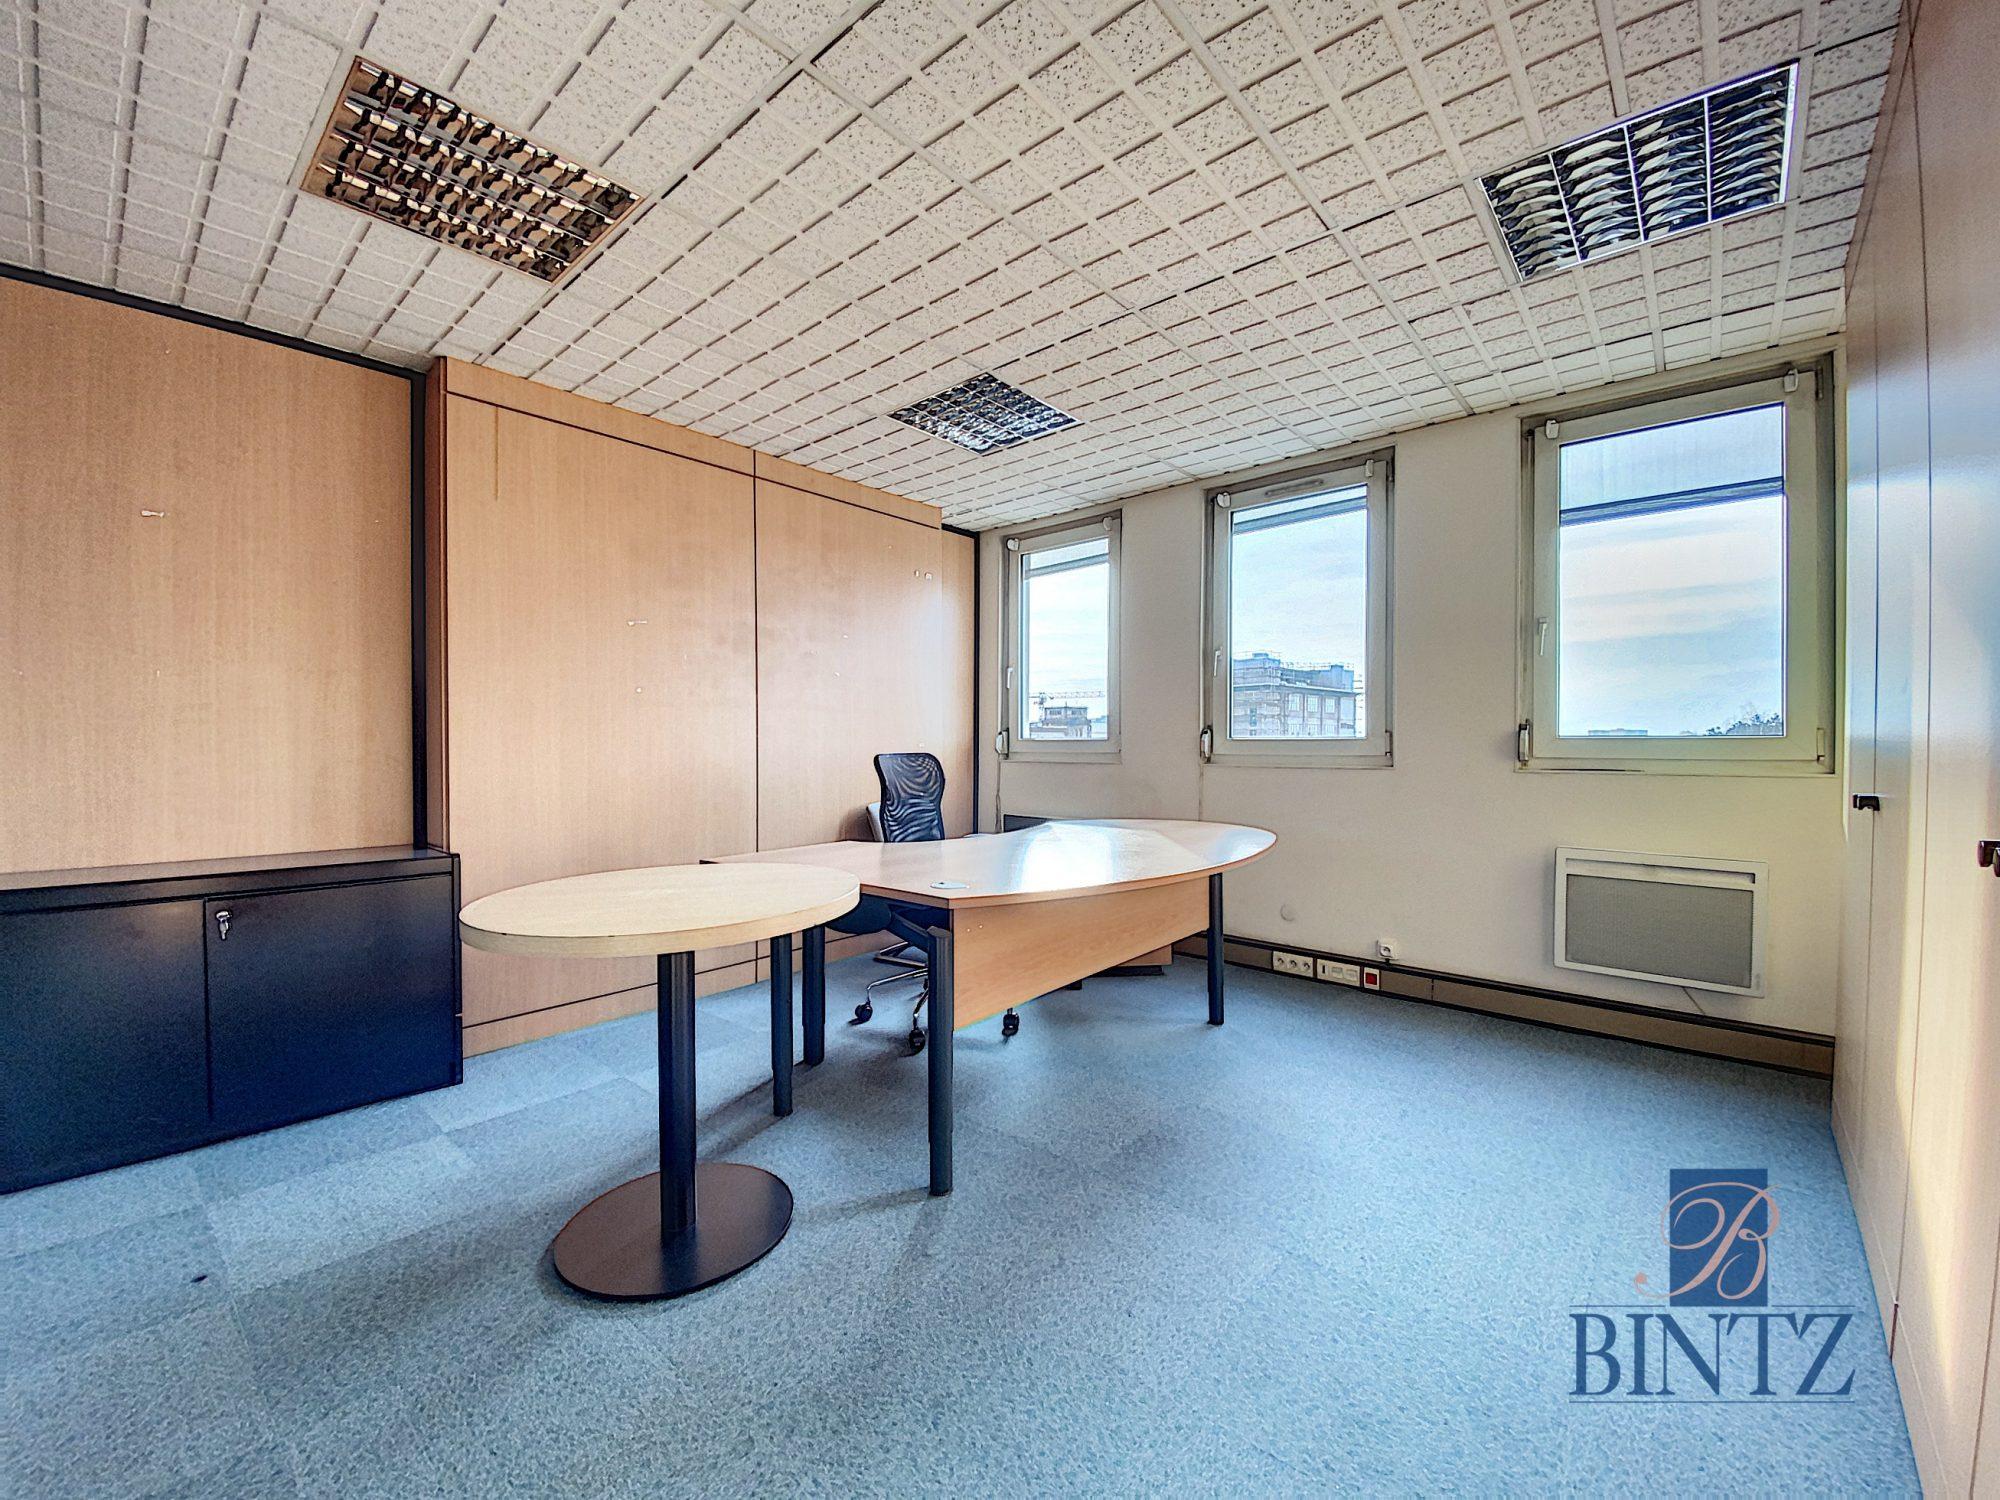 Bureaux à louer – 250m2 Quartier Fisher à Schiltigheim - Devenez locataire en toute sérénité - Bintz Immobilier - 5